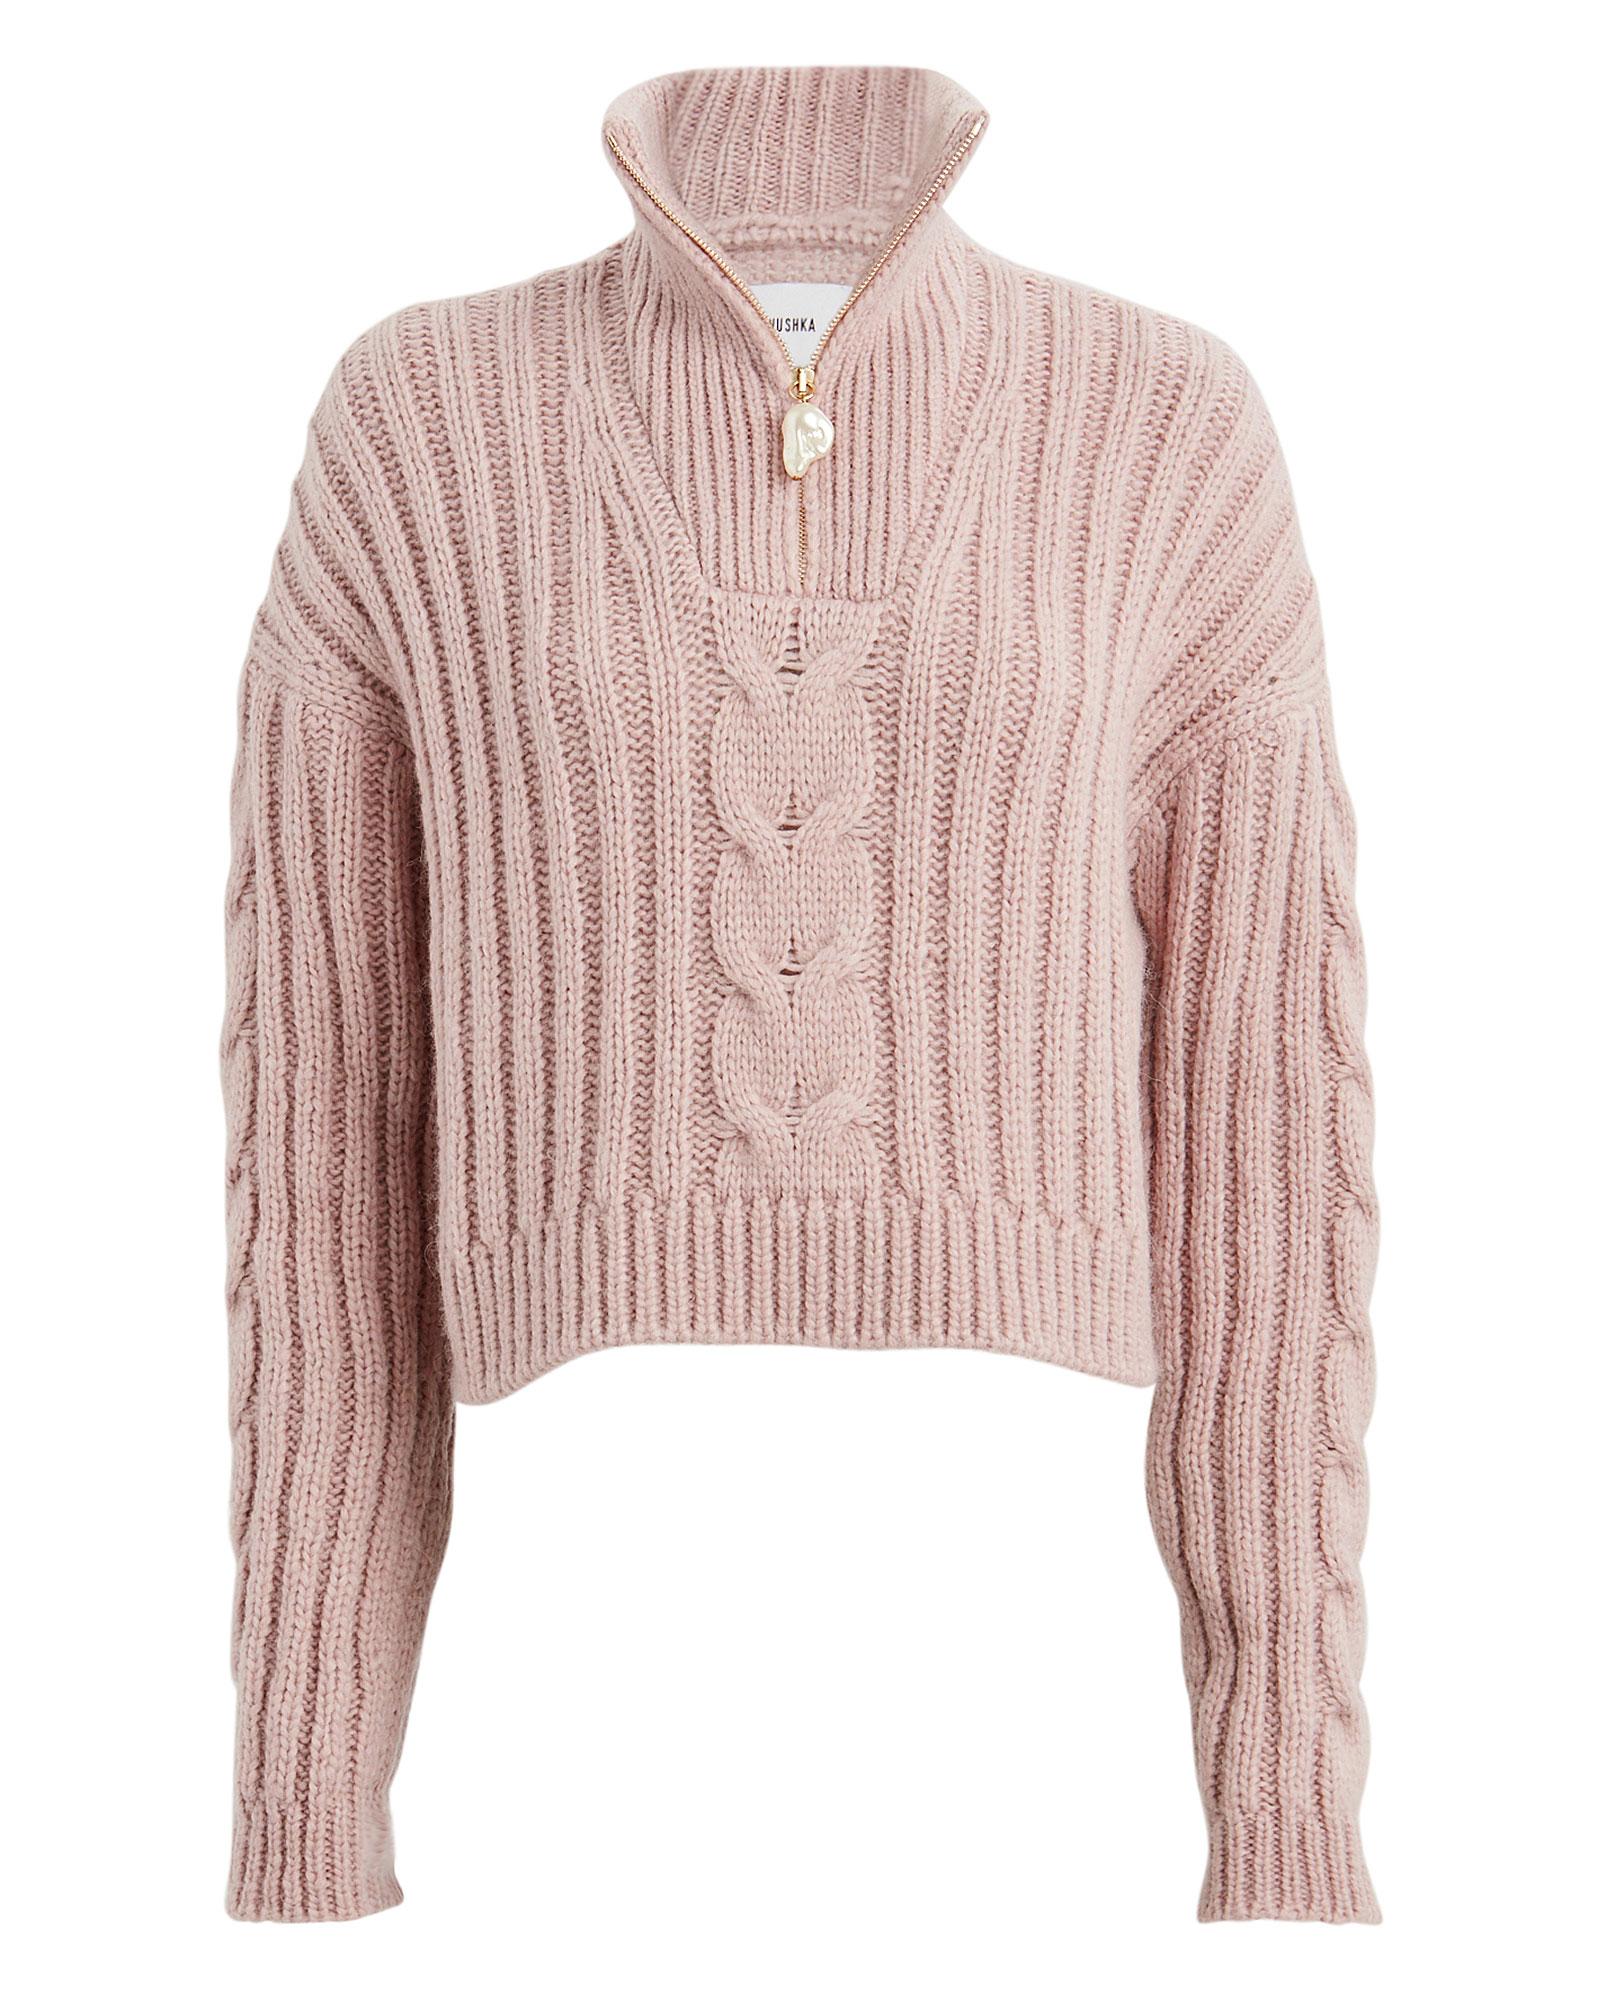 Nanushka Sweaters NANUSHKA ERIA HALF ZIP CABLE SWEATER